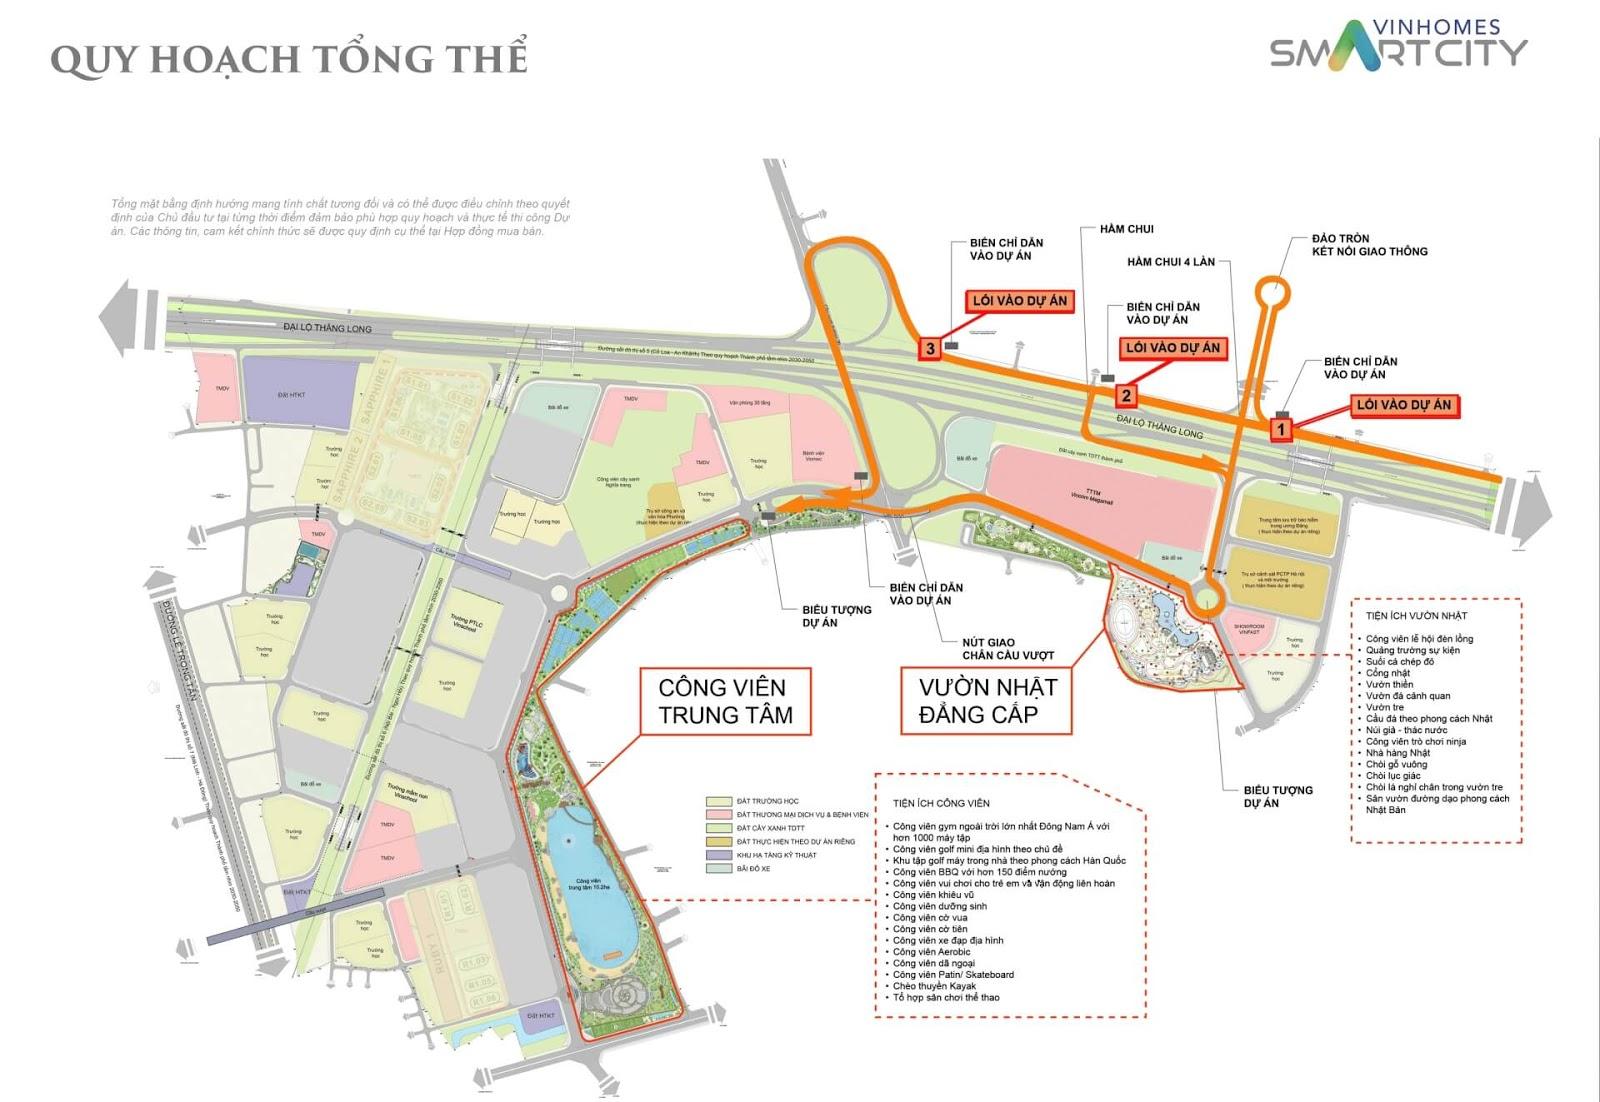 Quy hoạch tổng thể vị trí Vinhomes Smart City